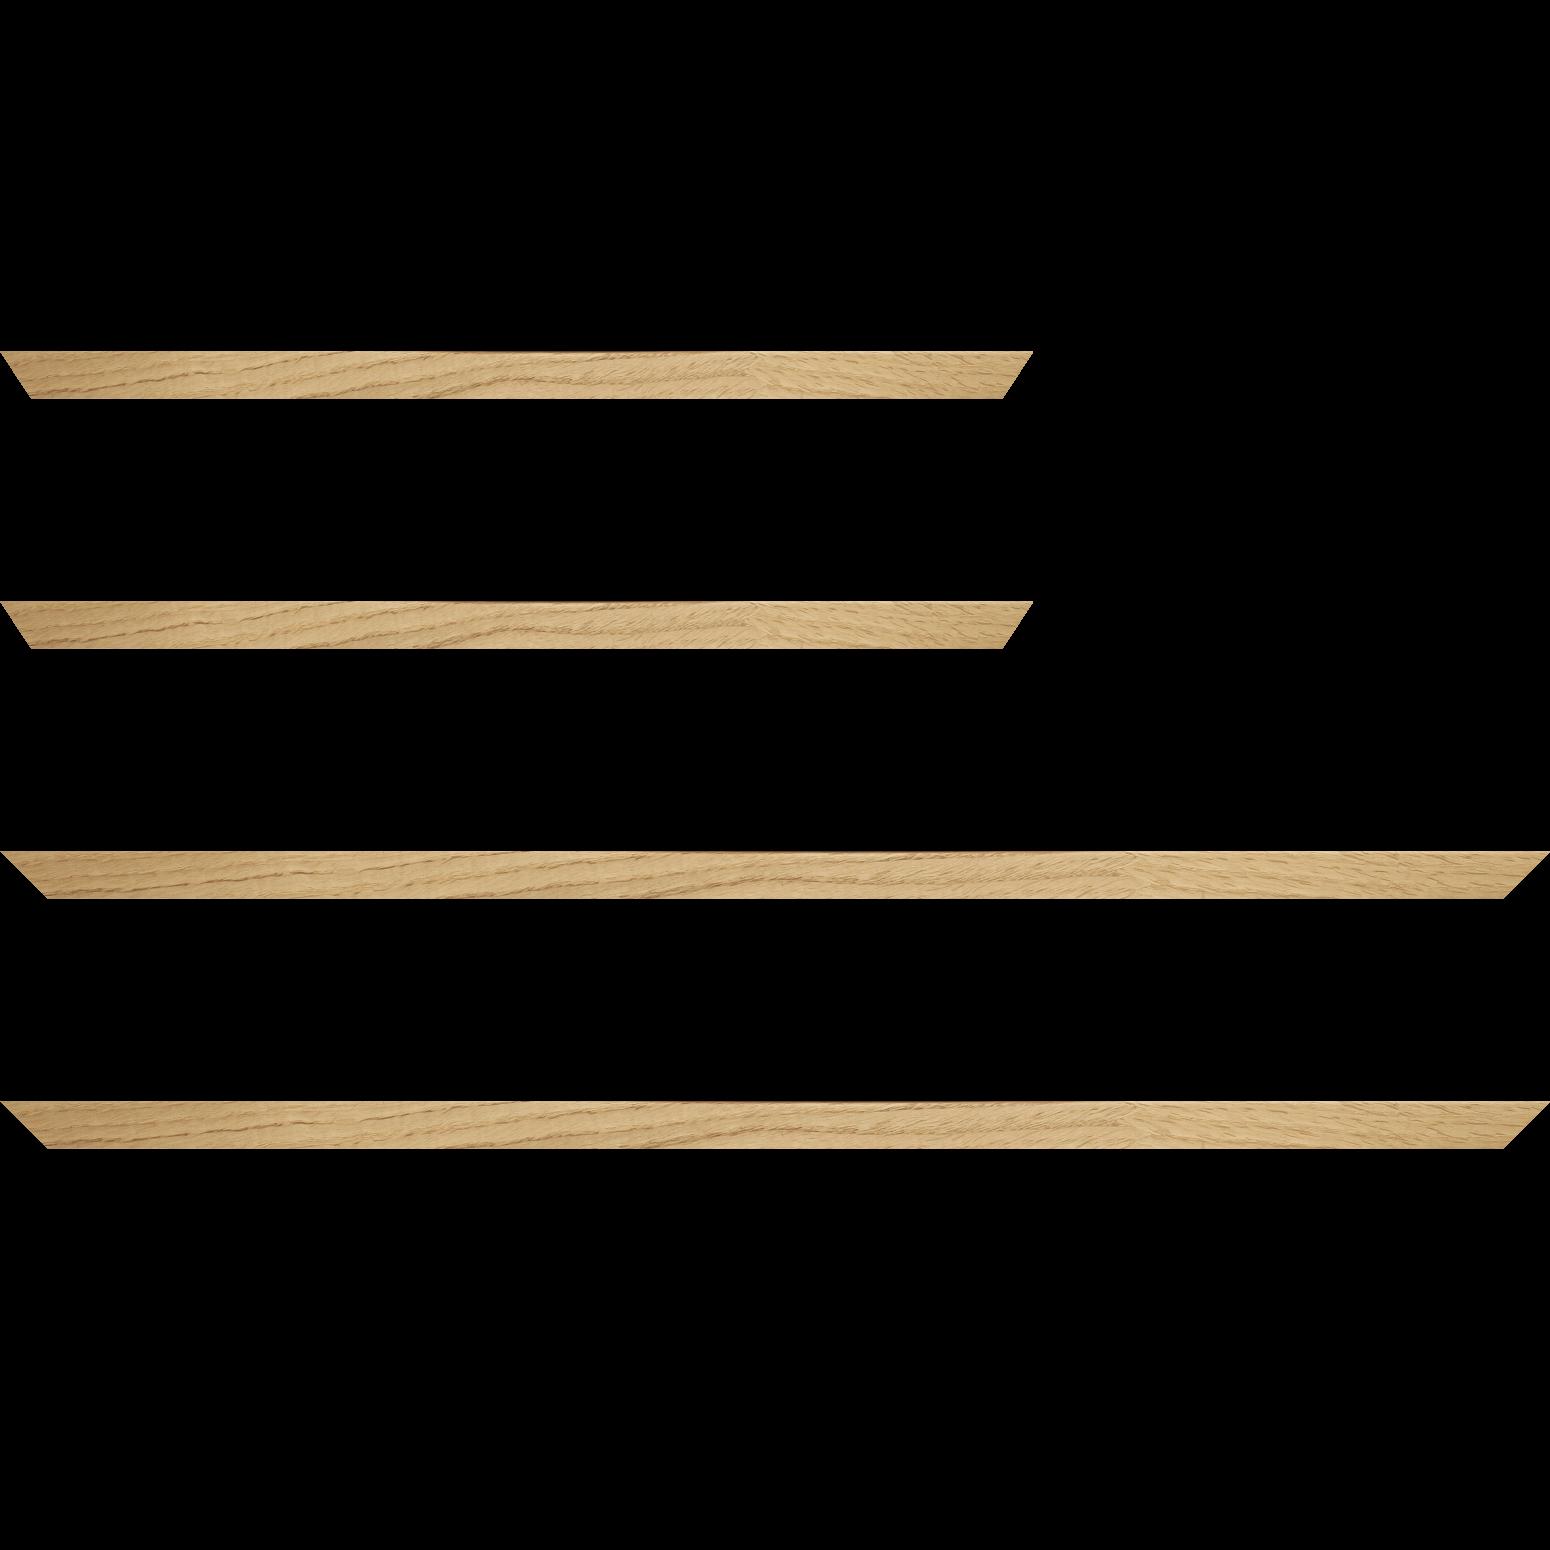 Baguette service précoupé Bois profil plat largeur 1.5cm hauteur 3cm plaquage haut de gamme chêne naturel